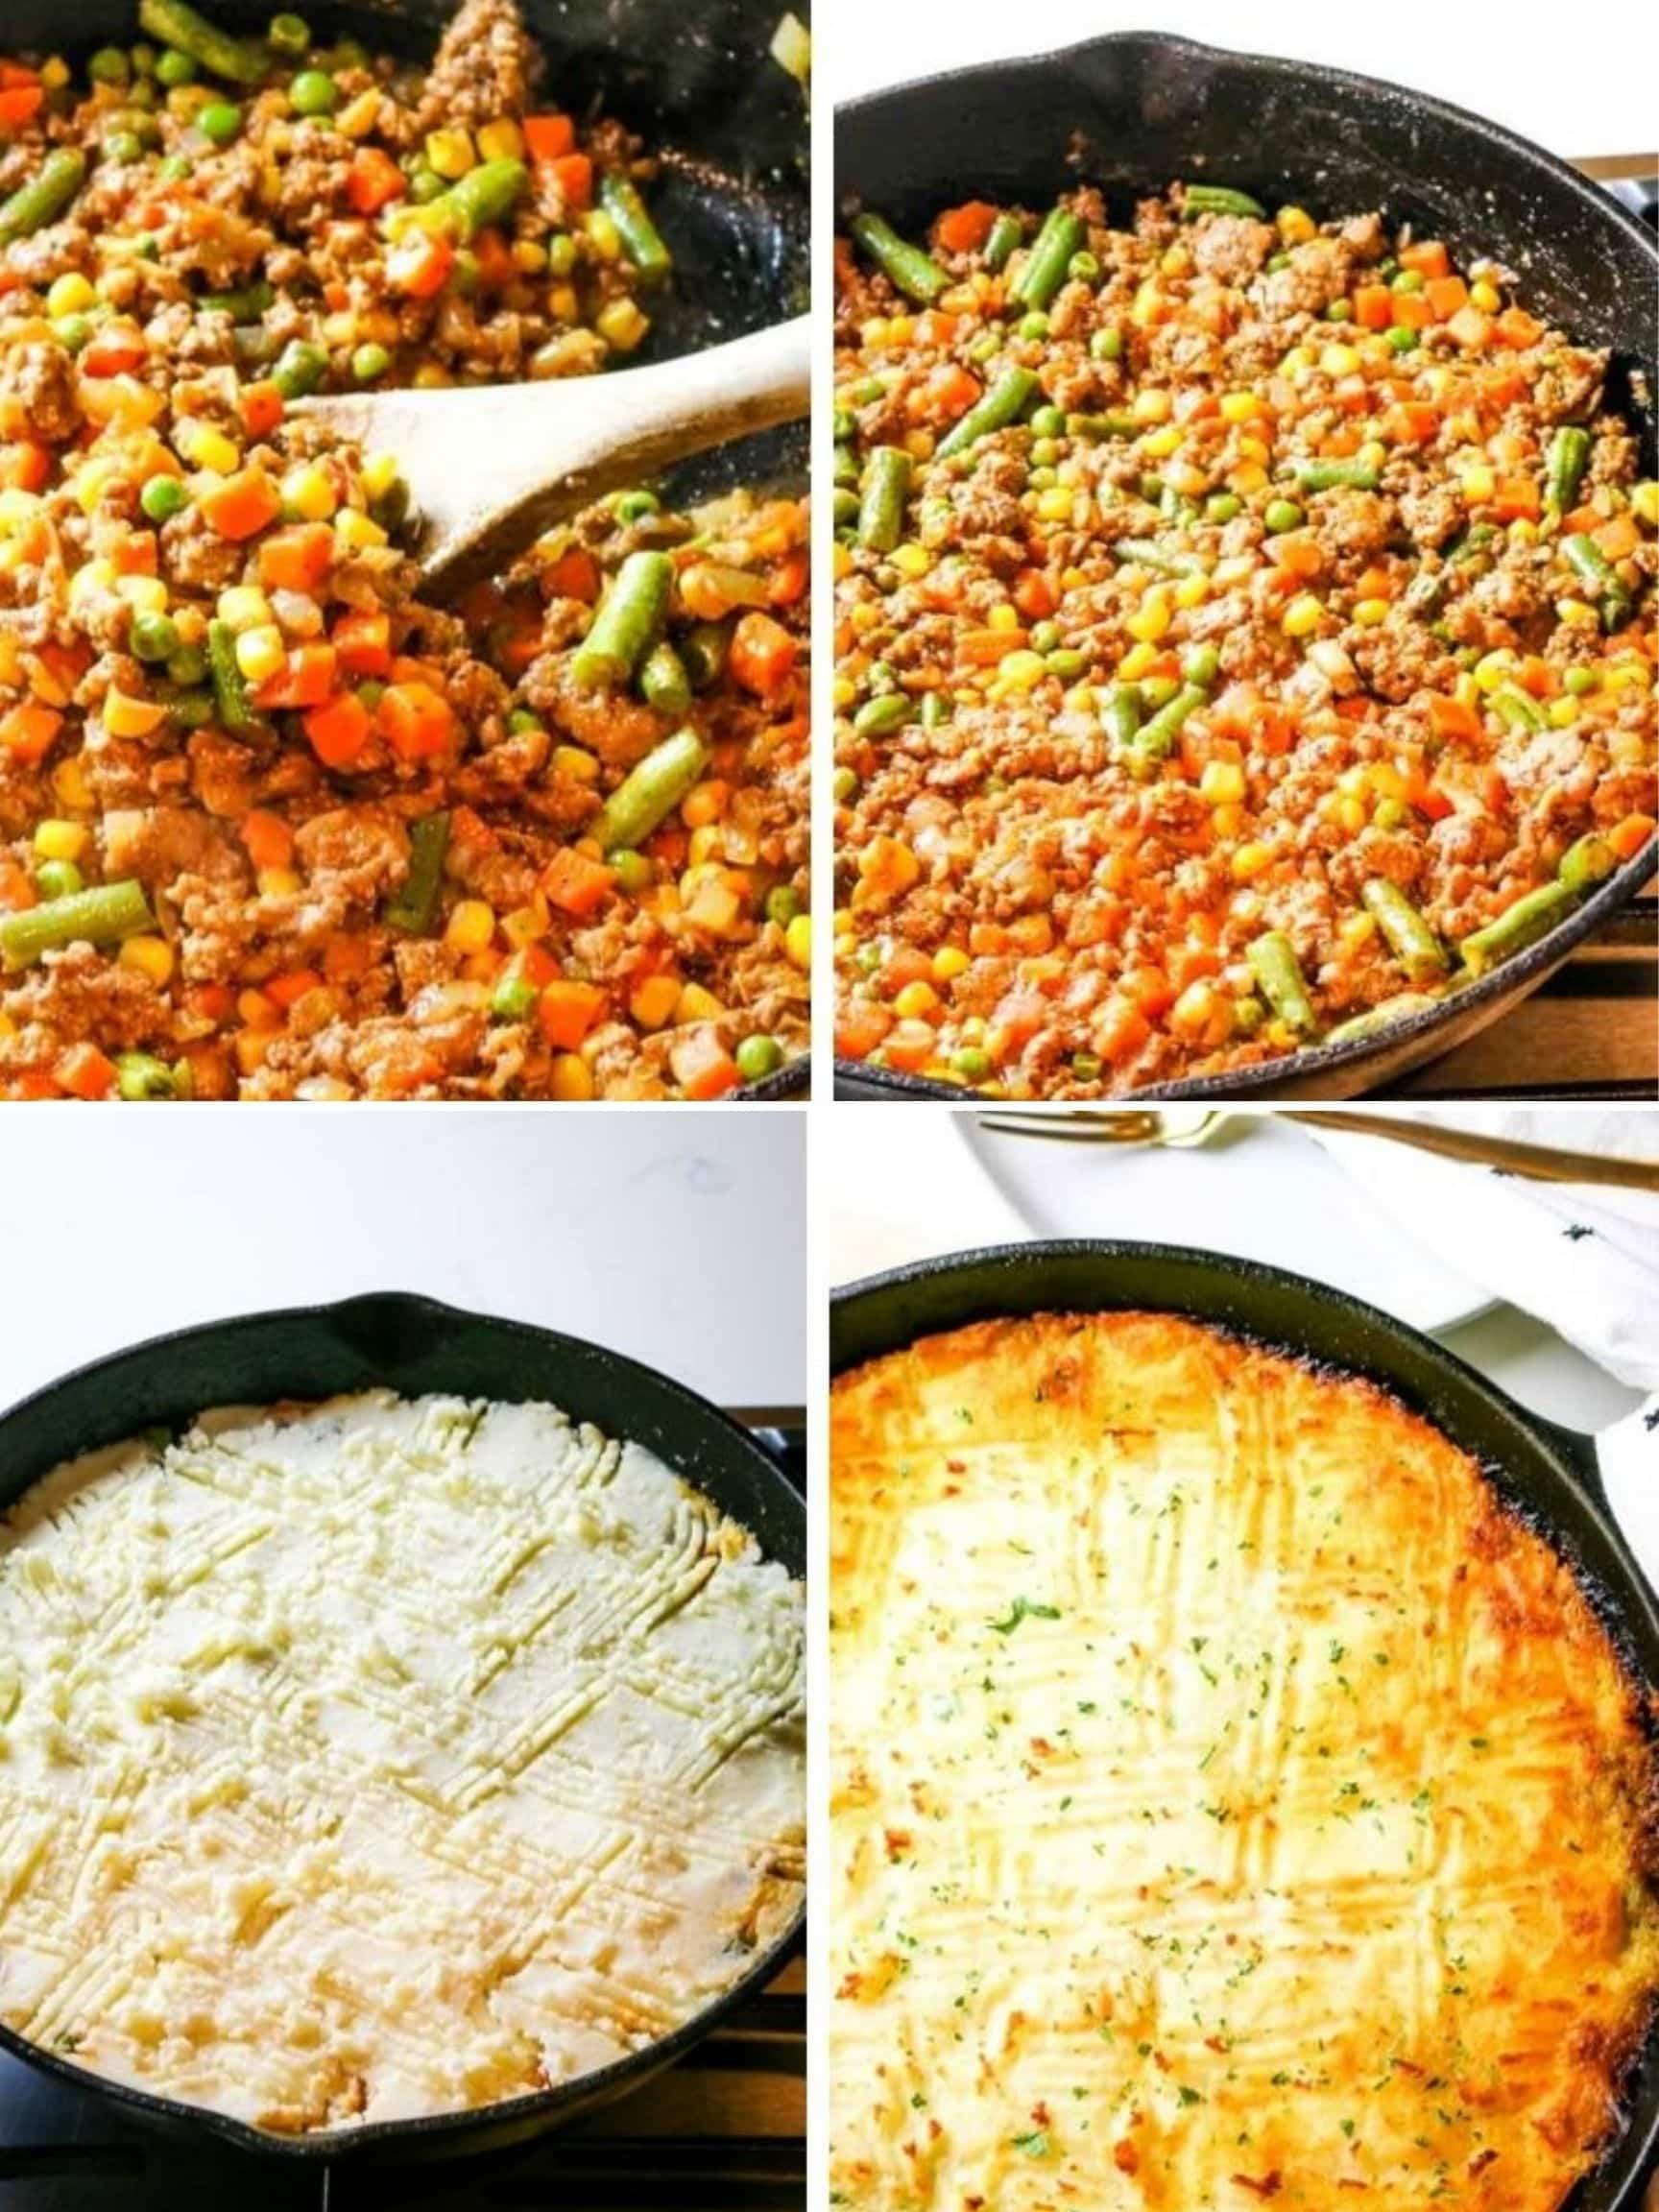 Simple Steps to Shepherd's Pie recipe